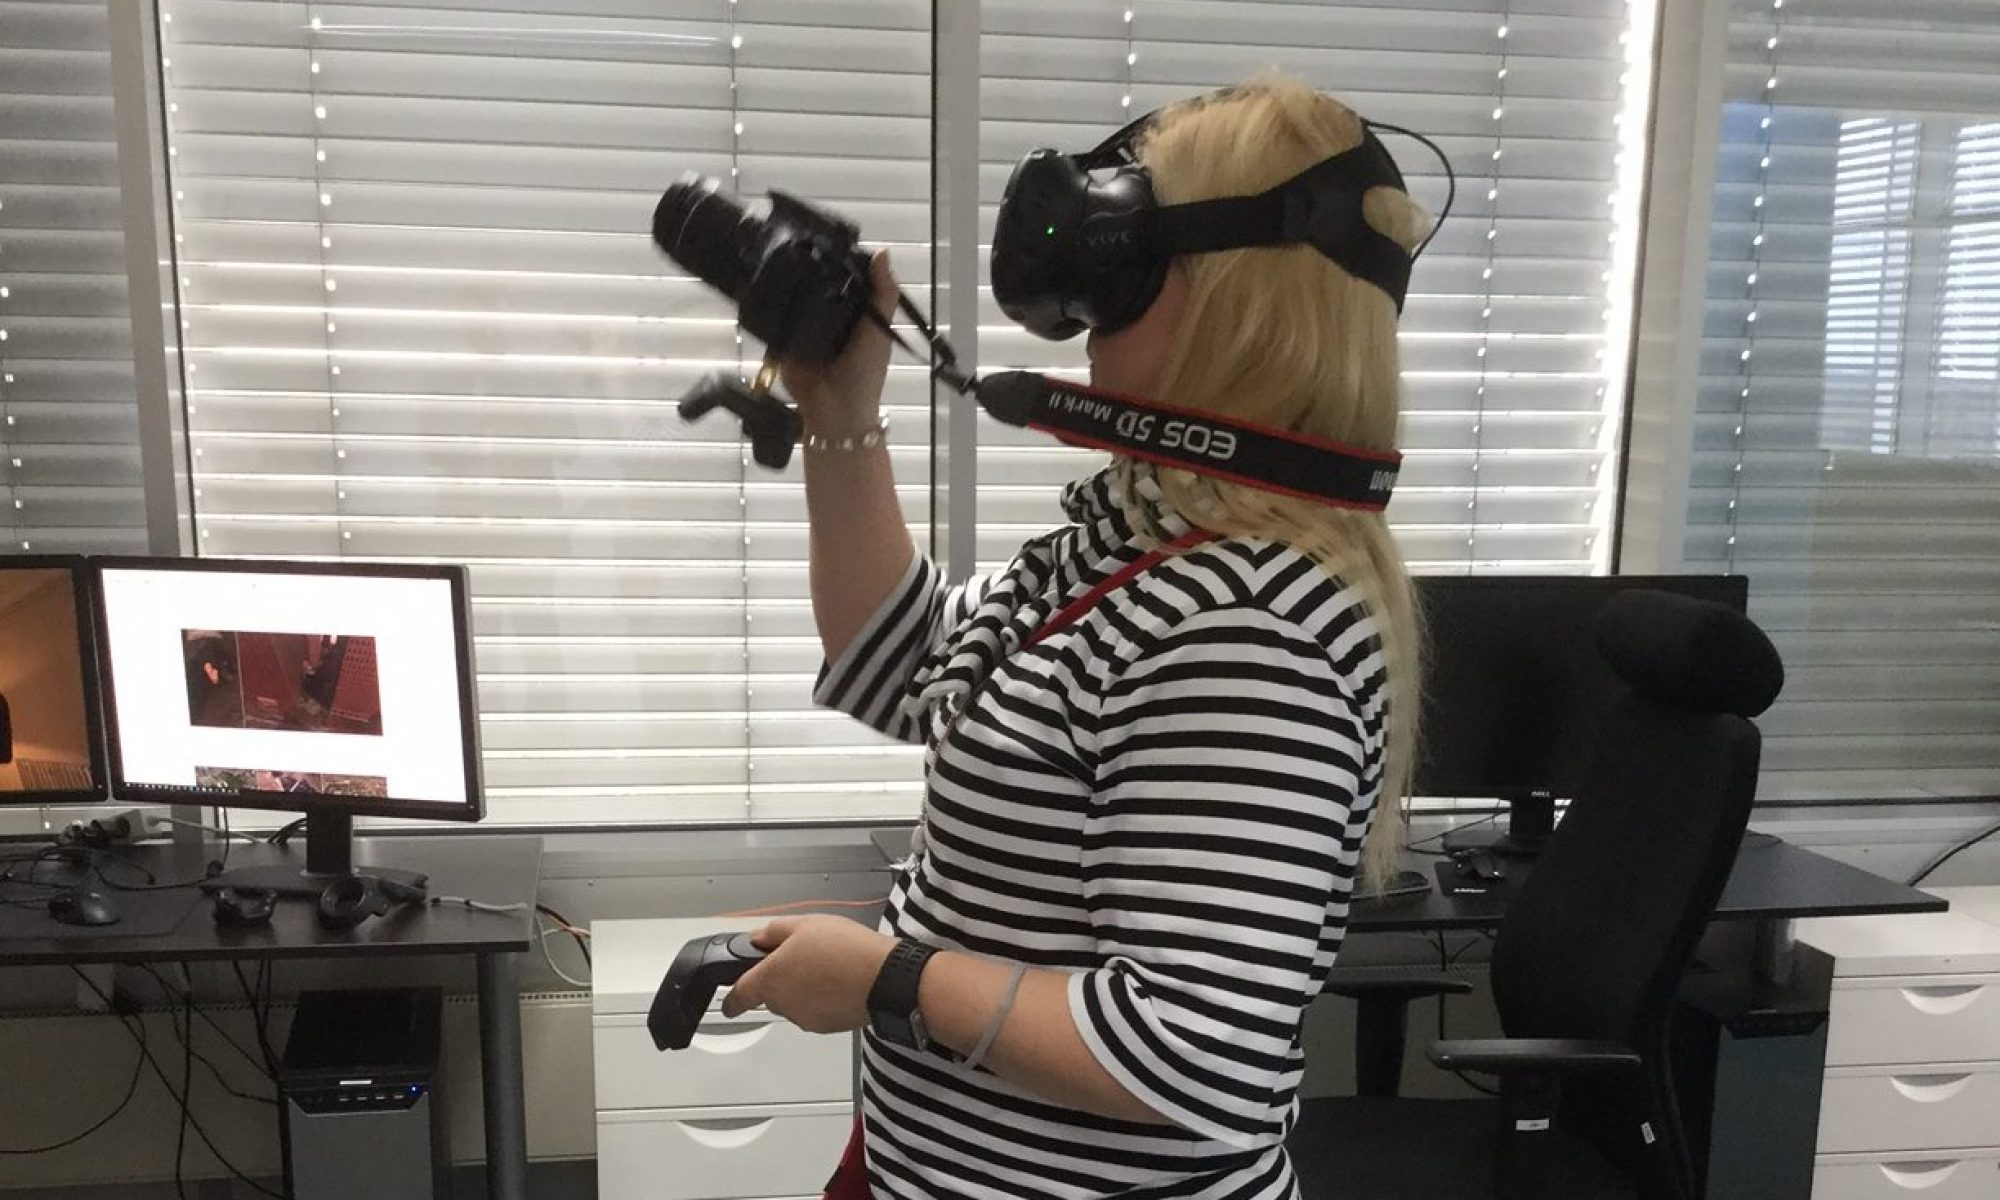 Digierko - Oppiminen ja opettaminen digitaalisissa ympäristöissä